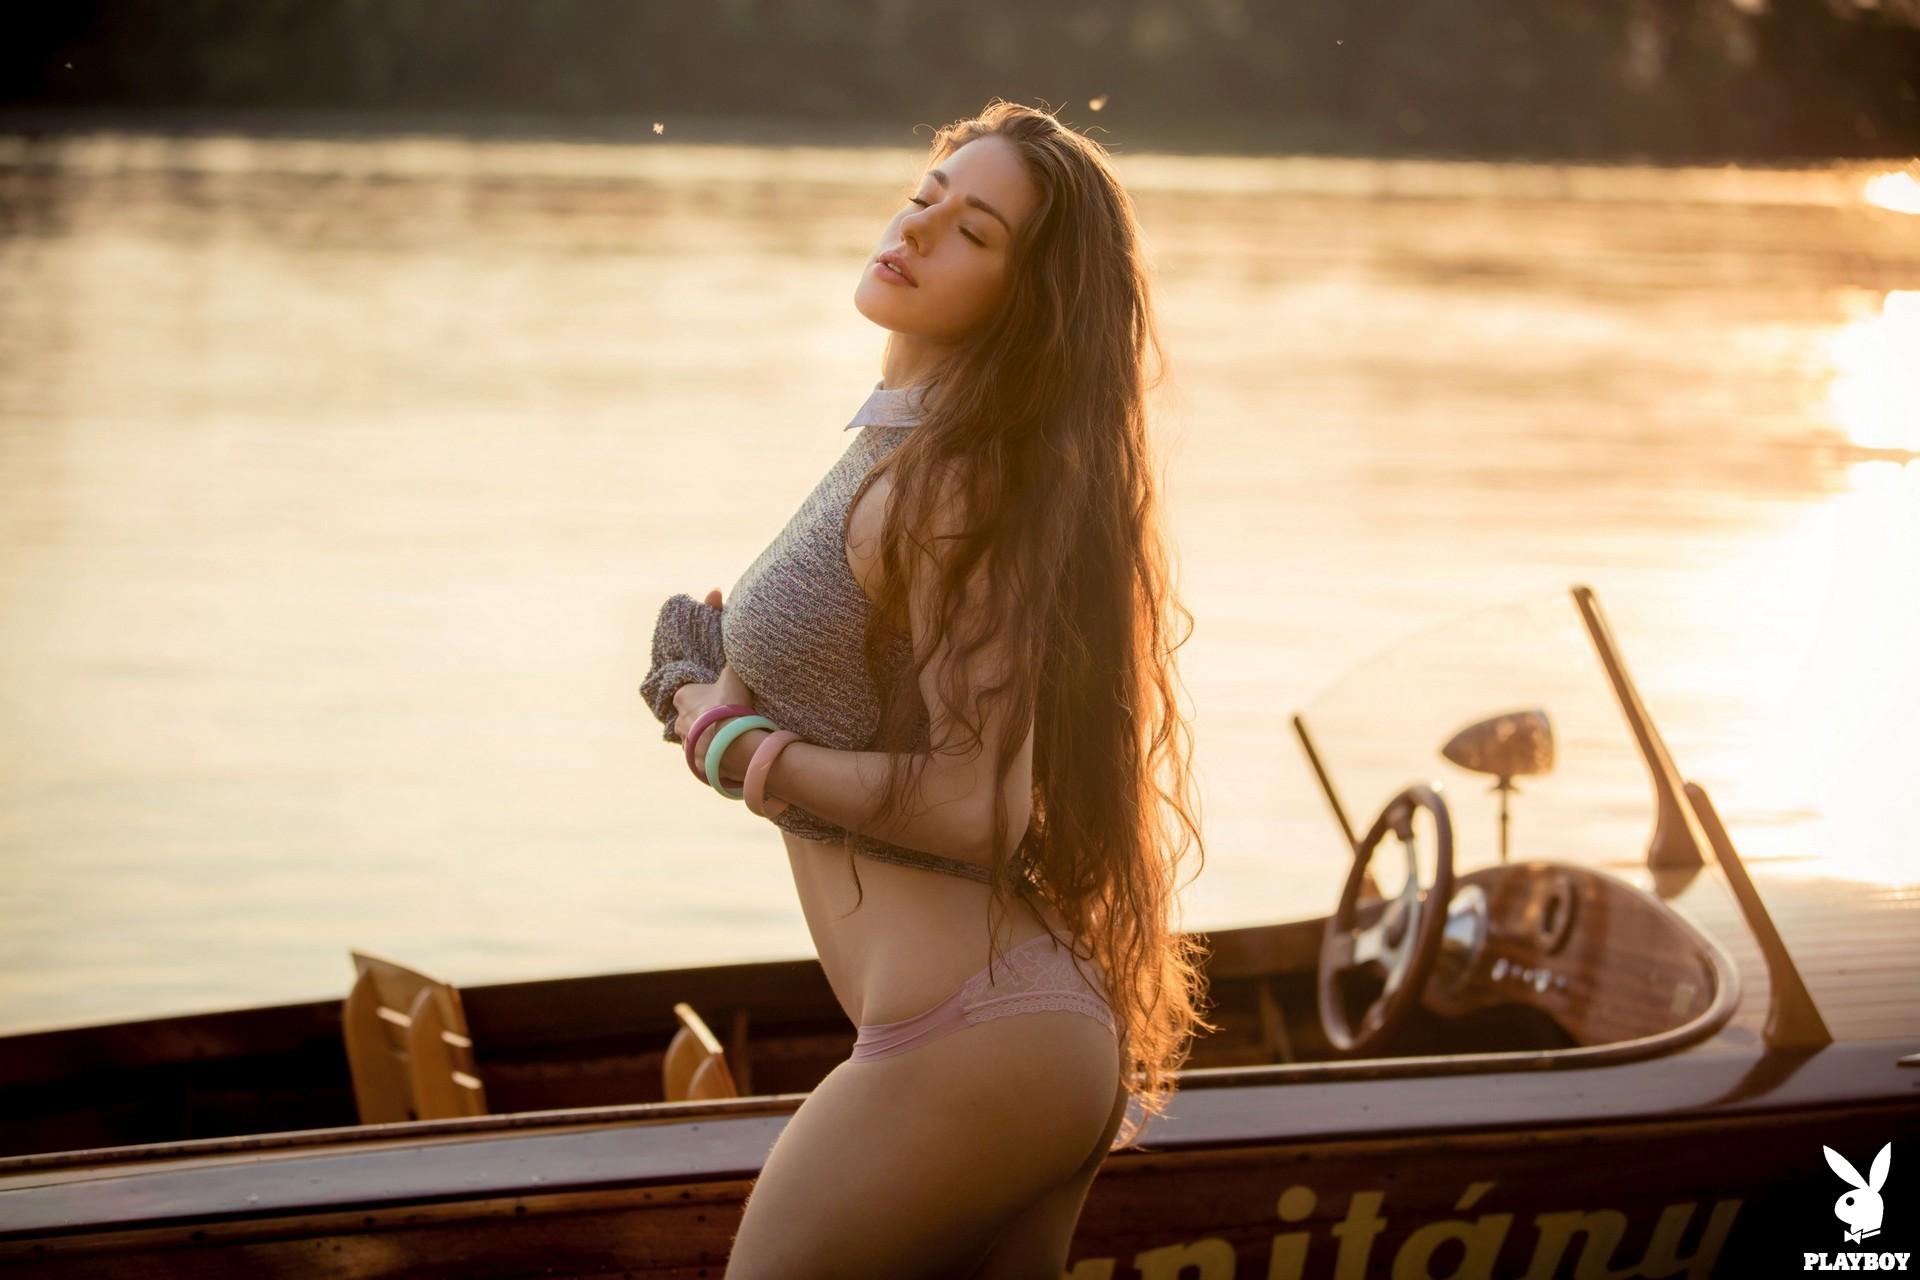 Joy Draiki in Sensational Voyage - Playboy Plus 17